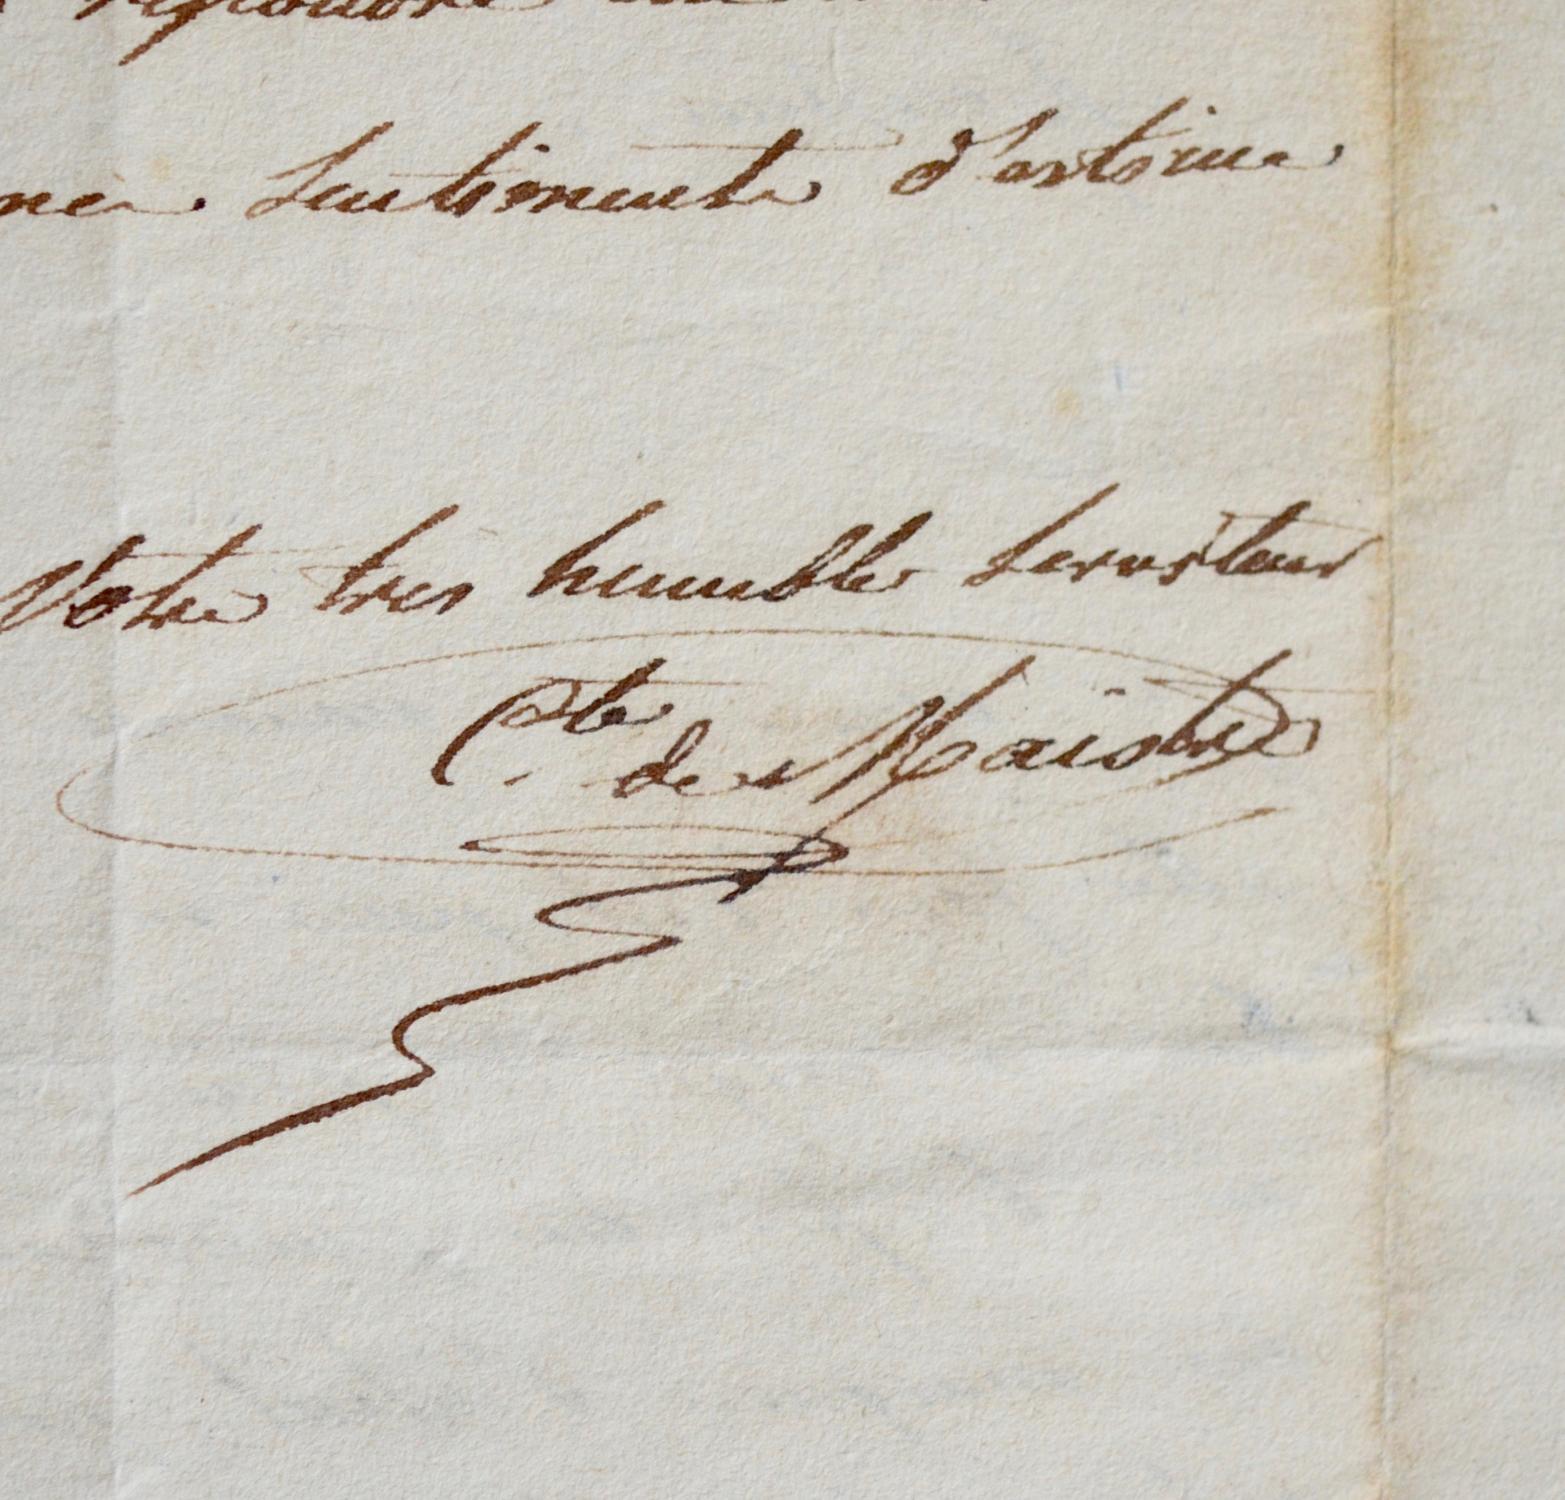 Vialibri Rare Books From 1826 Page 2